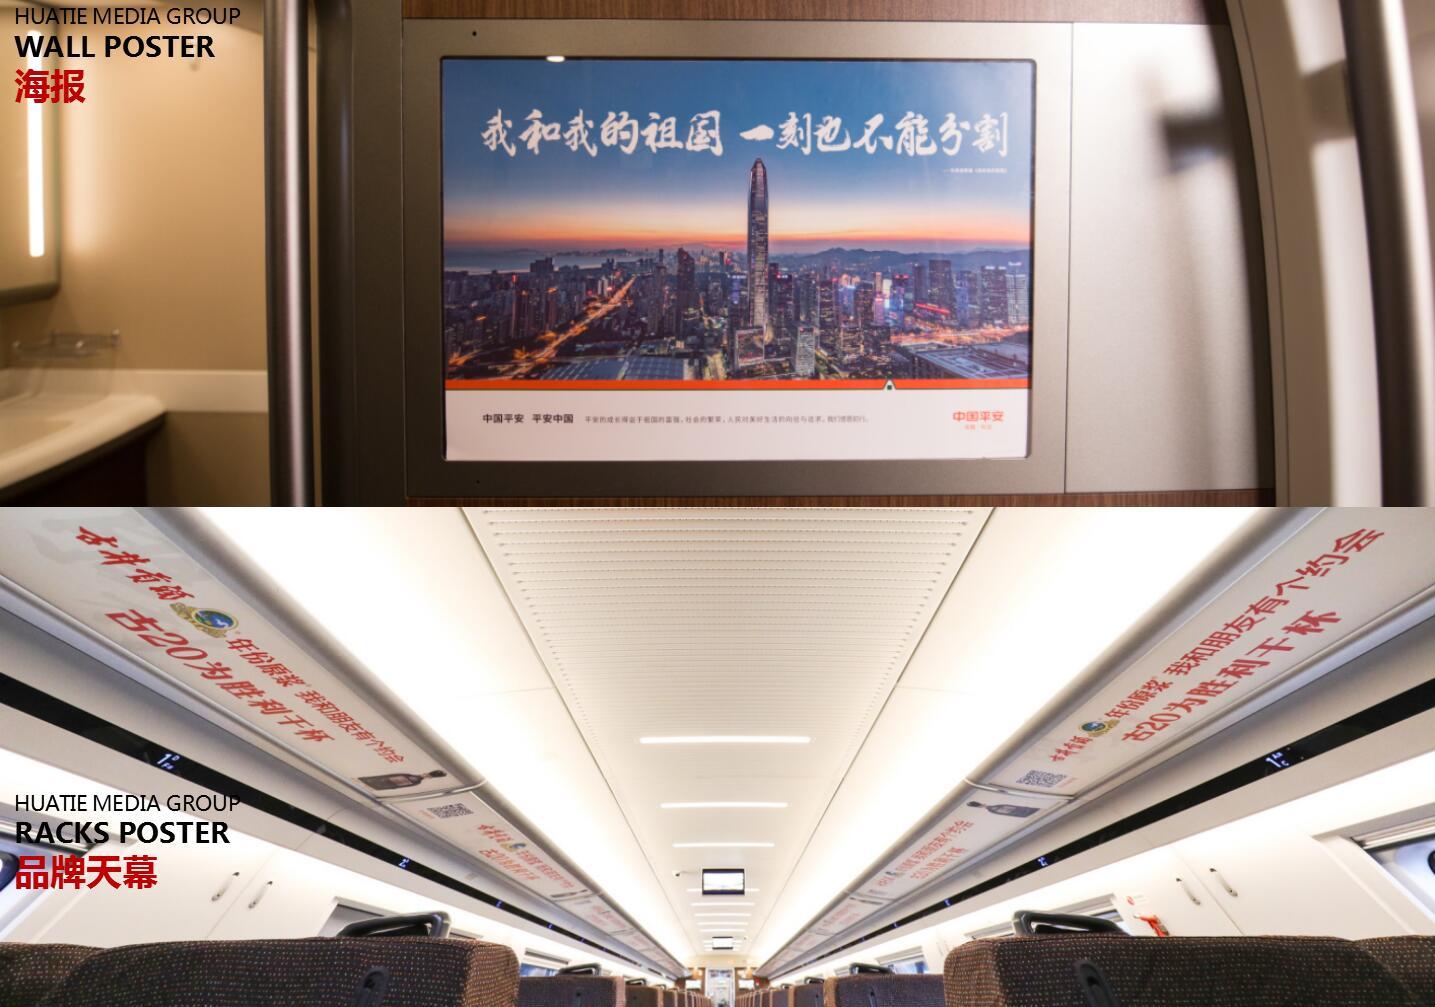 以復興號高鐵廣告投放為例,分析高鐵廣告怎么做?如何收費?